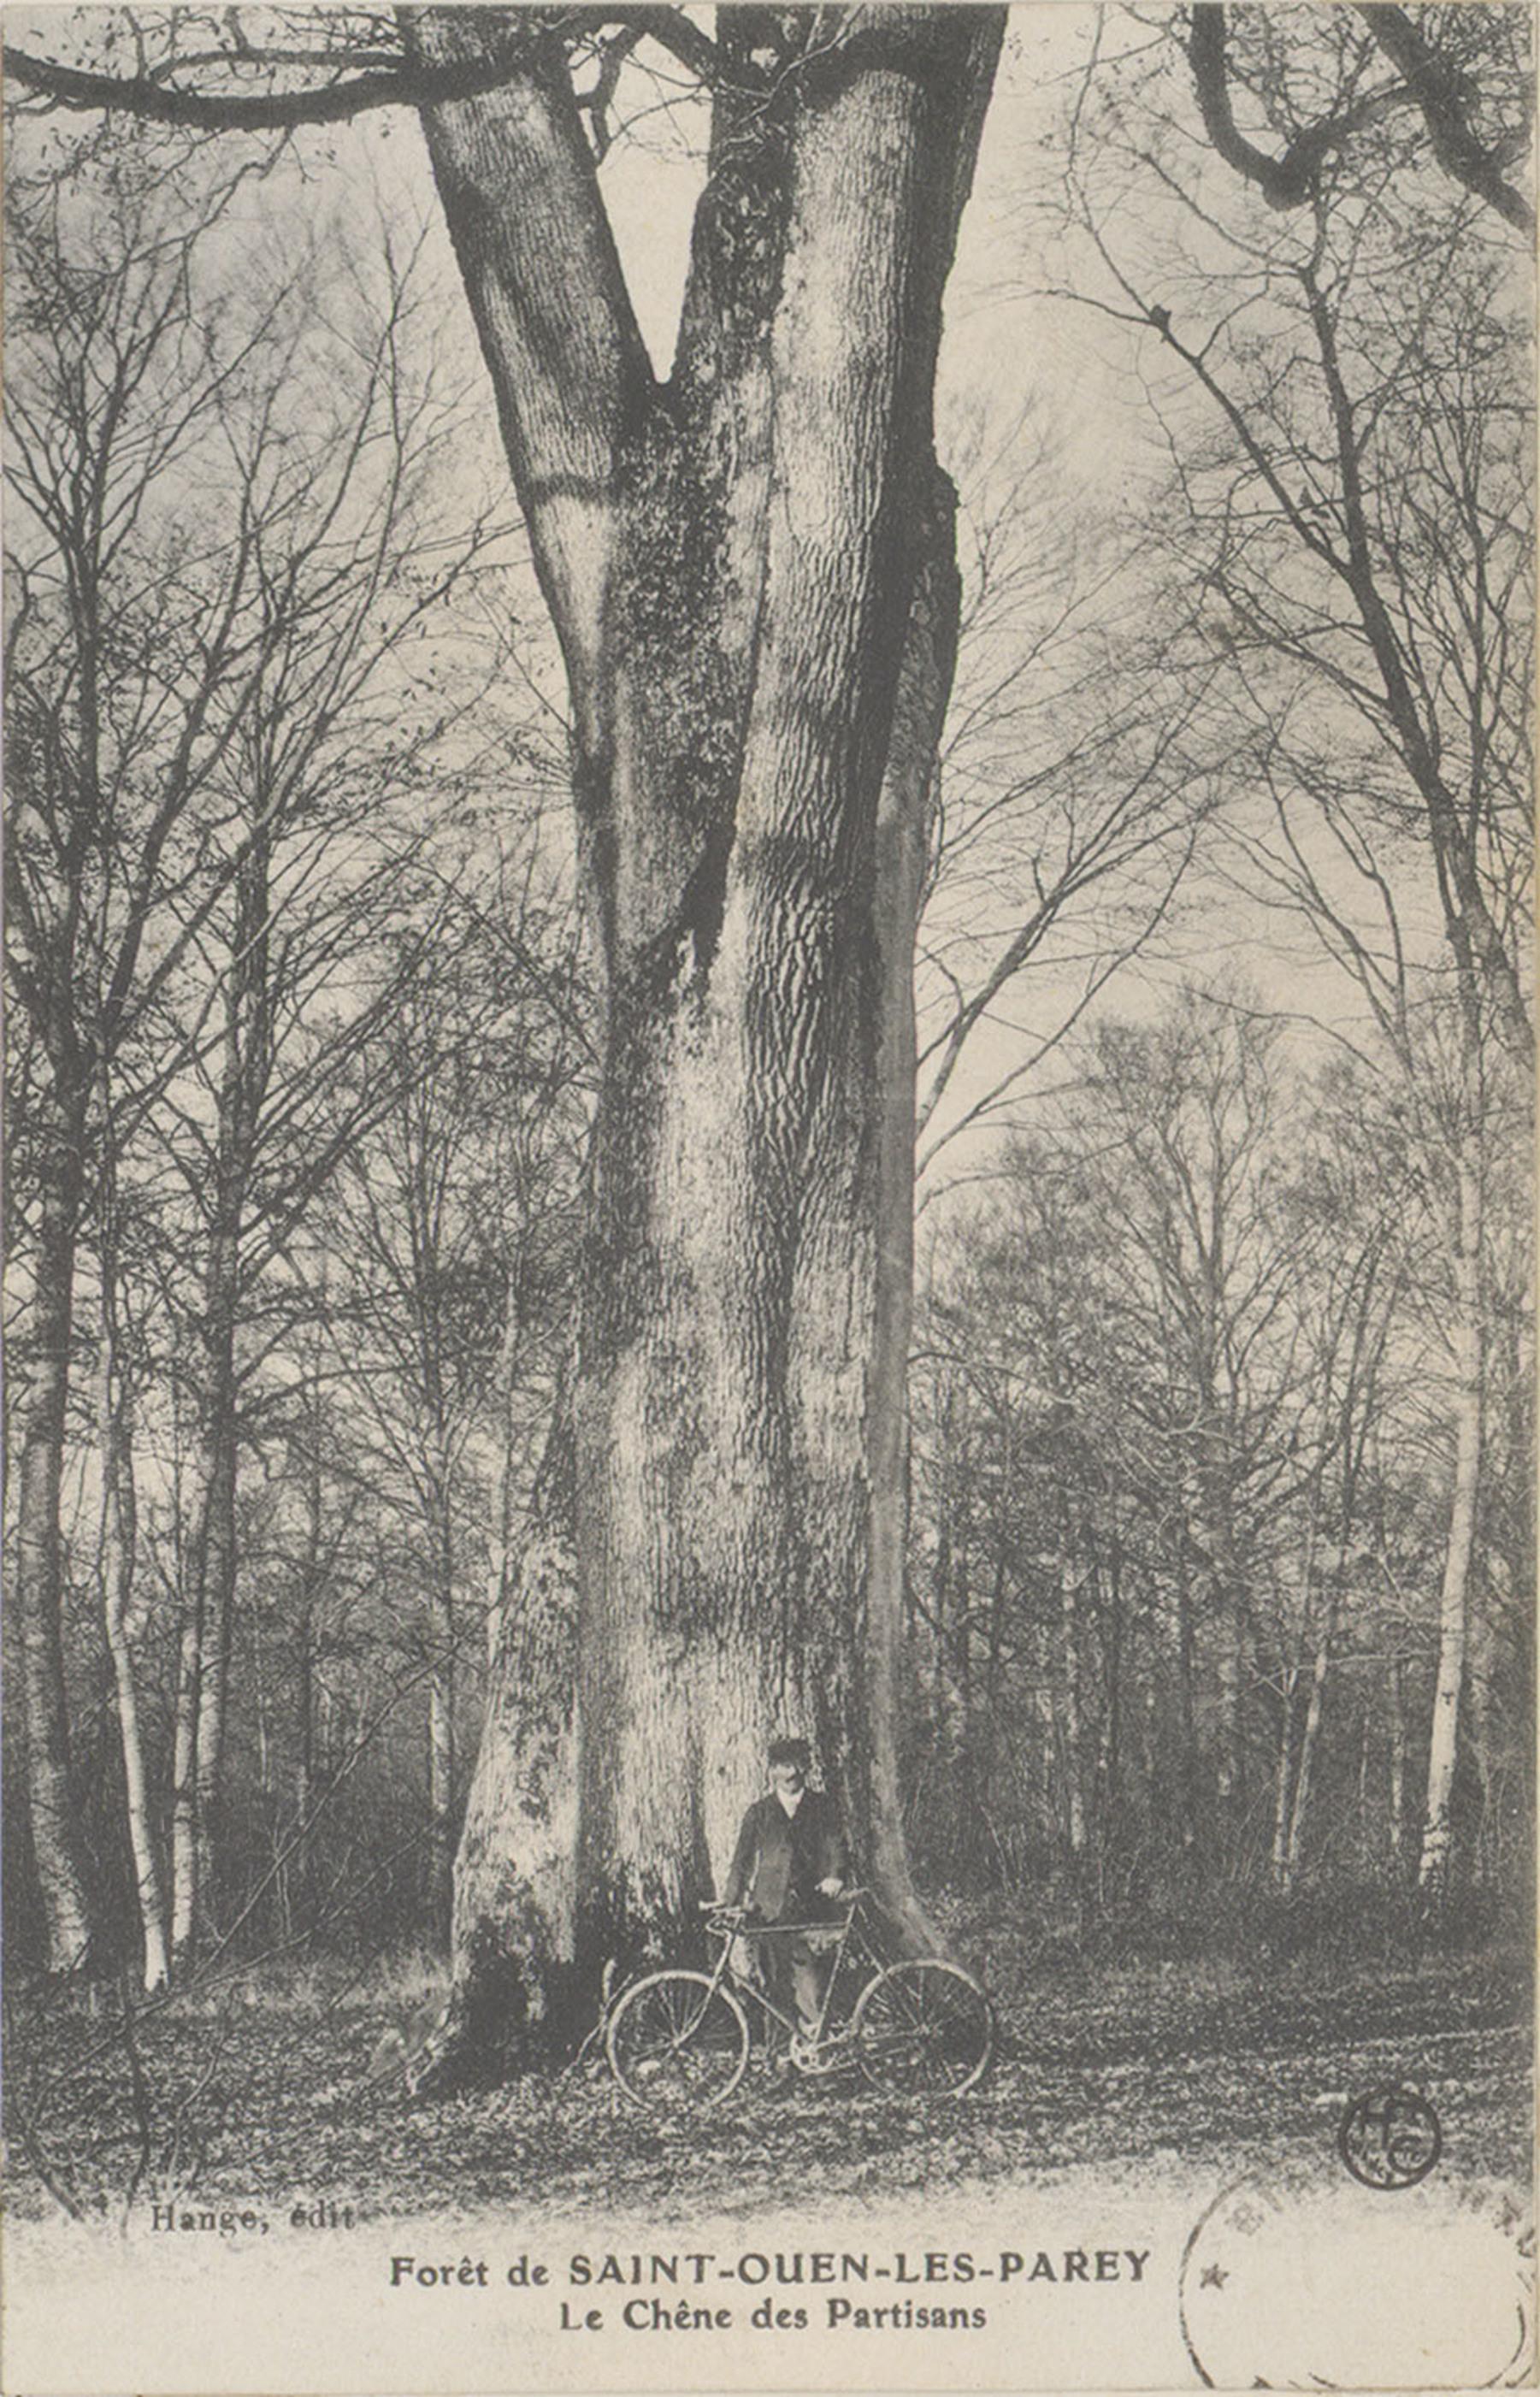 Contenu du Le Chêne des Partisans dans la Forêt de Saint-Ouen-les-Parey